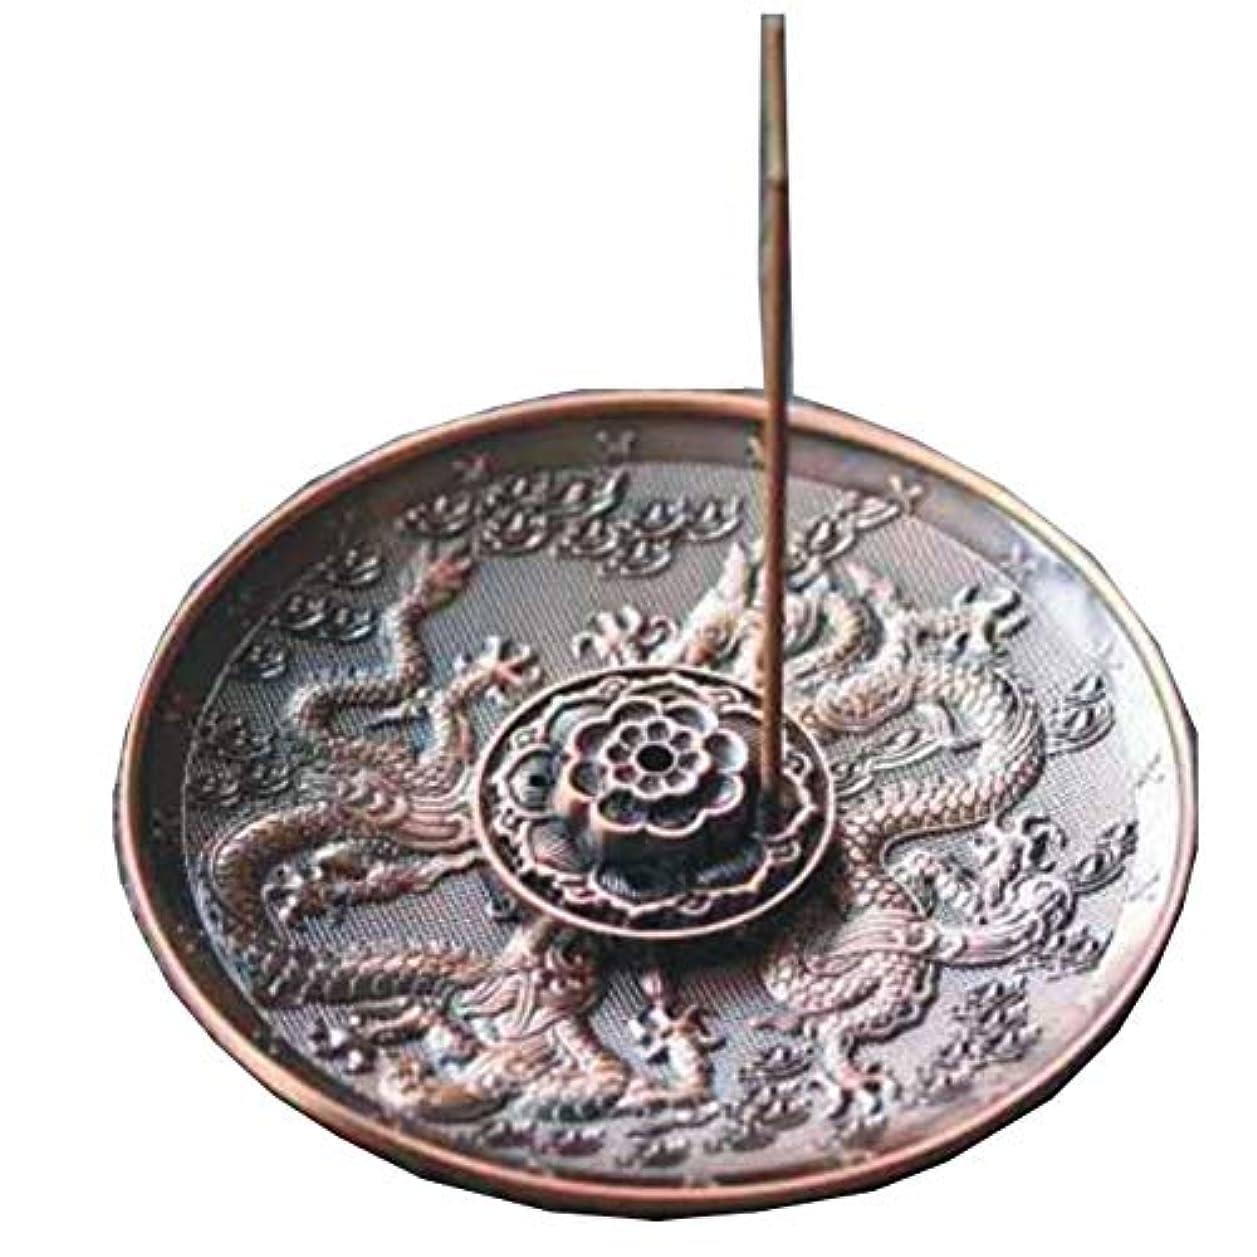 ネコあたりソファー[RADISSY] お香立て 香炉 香皿 スティック 円錐 タイプ お香 スタンド 龍のデザイン (赤胴色9穴)